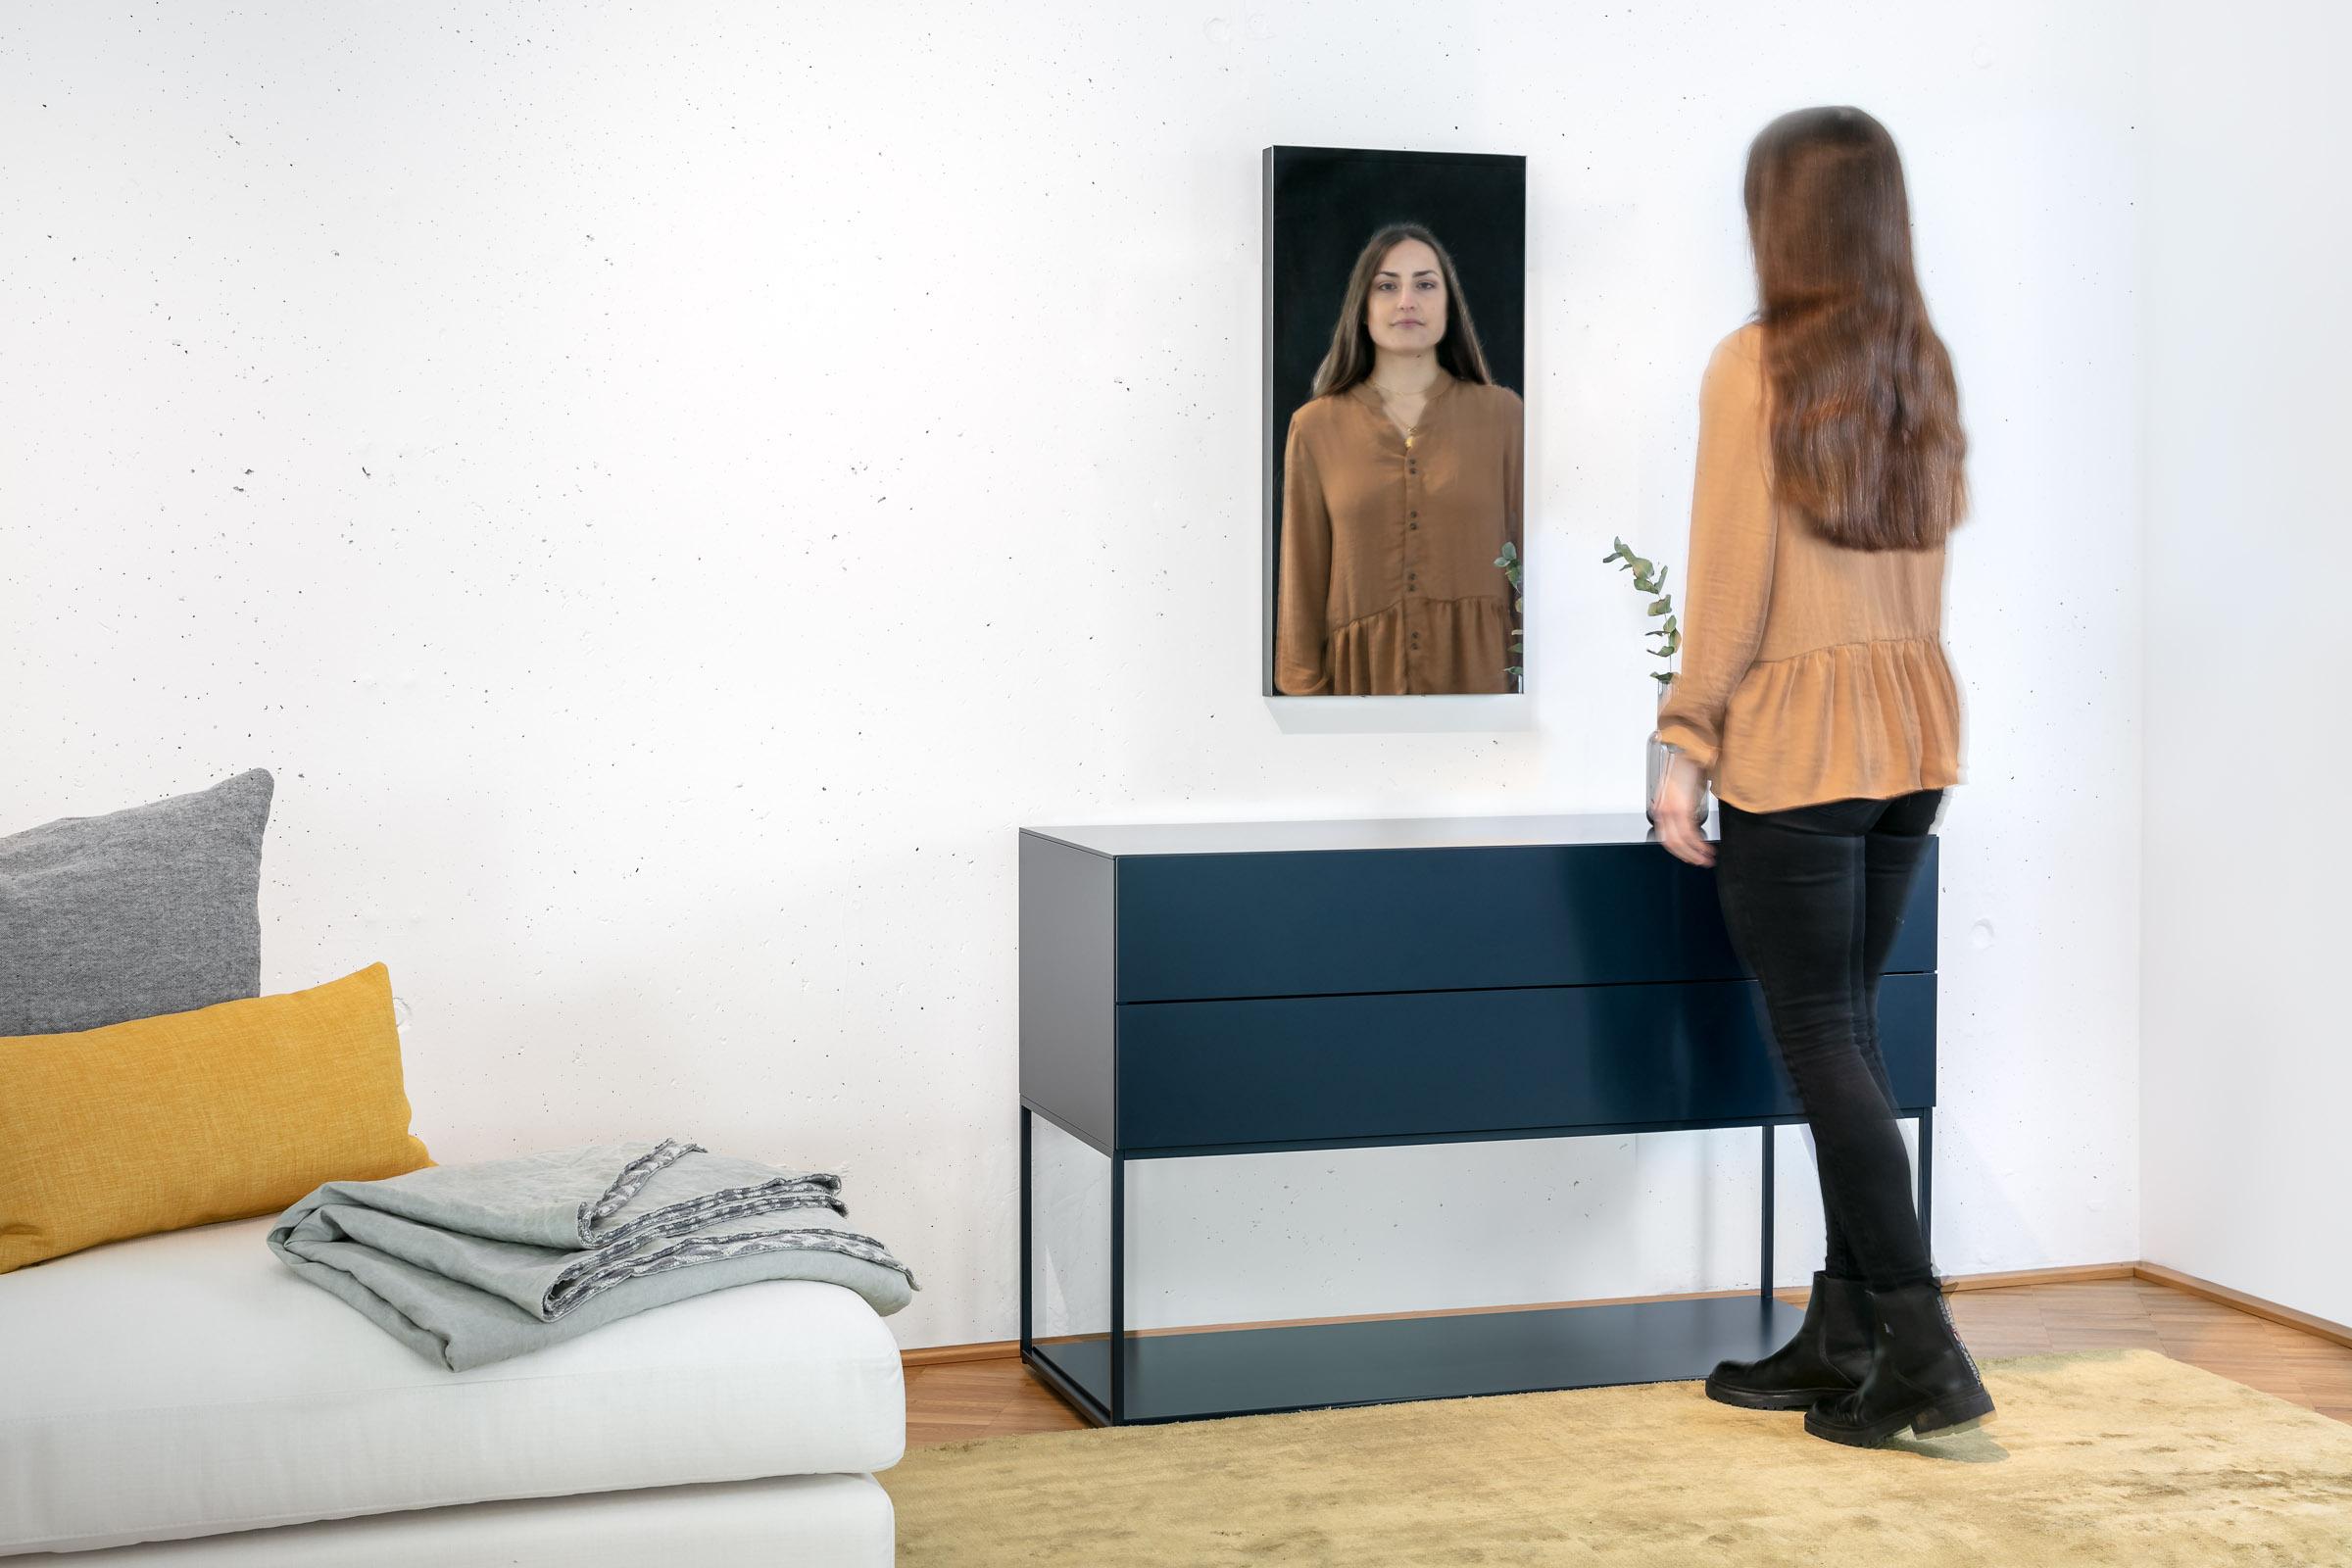 Junge Frau sieht sich im Ambiloom® Wandspiegel an, der über einer Kommode hängt